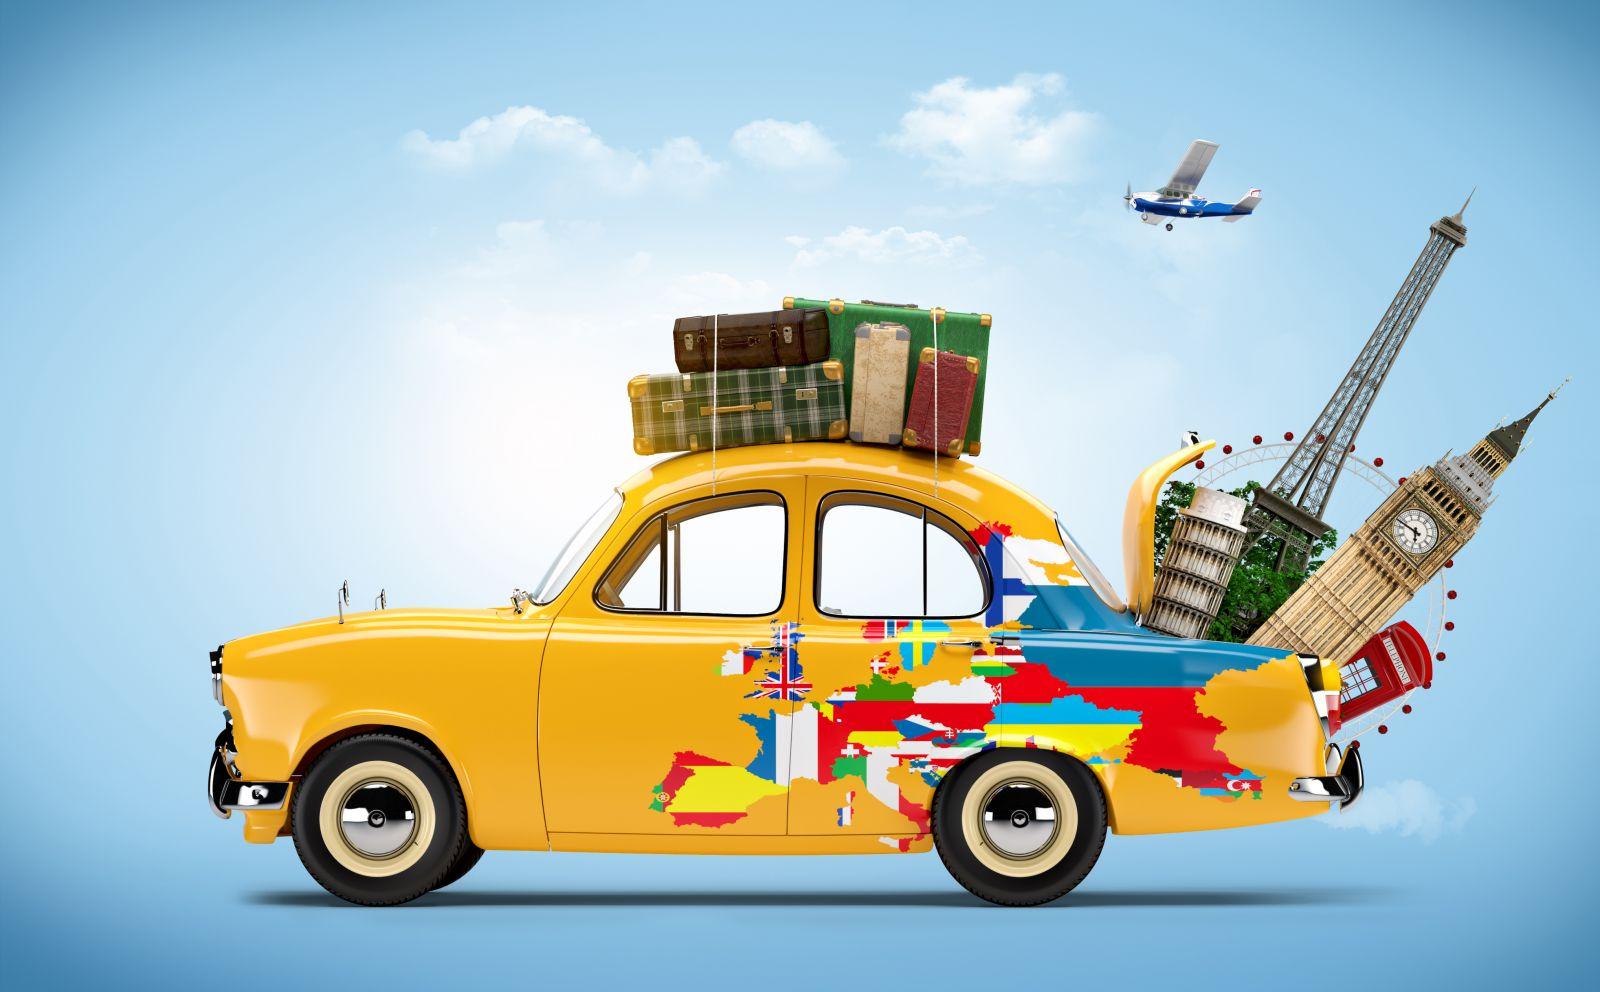 ترفندی کاربردی برای محاسبه هزینه سفر در کشورهای مختلف در آستانه عید نوروز ۹۷